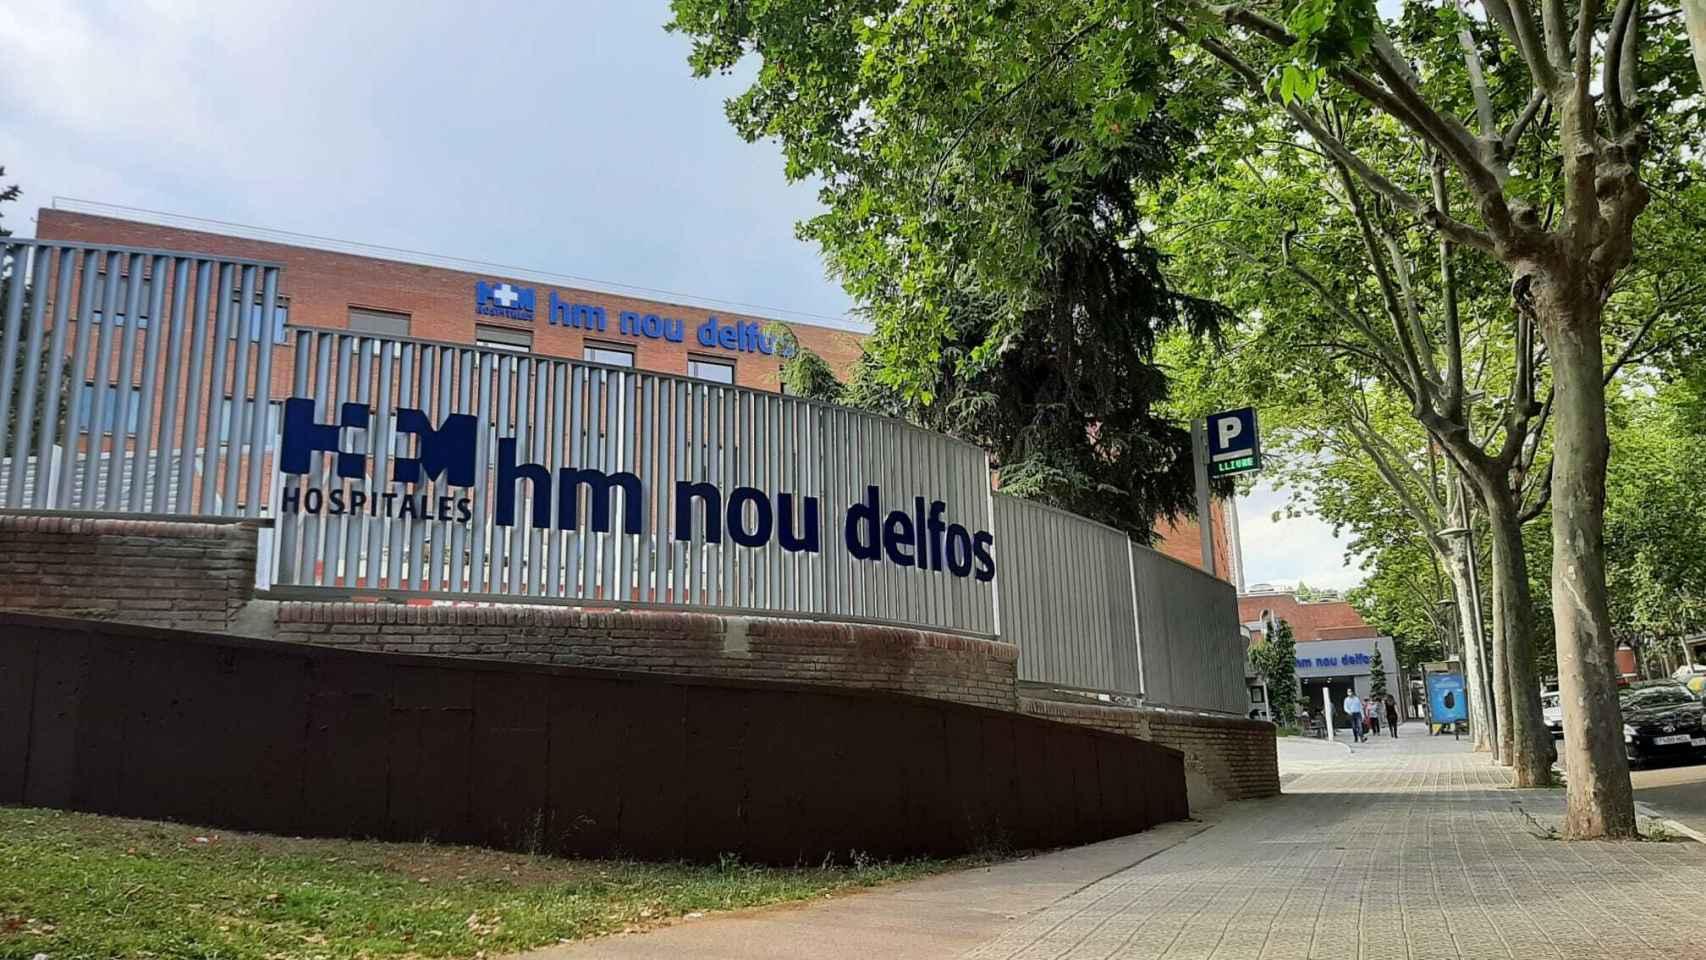 Exteriores del Hospital HM Nou Delfos.